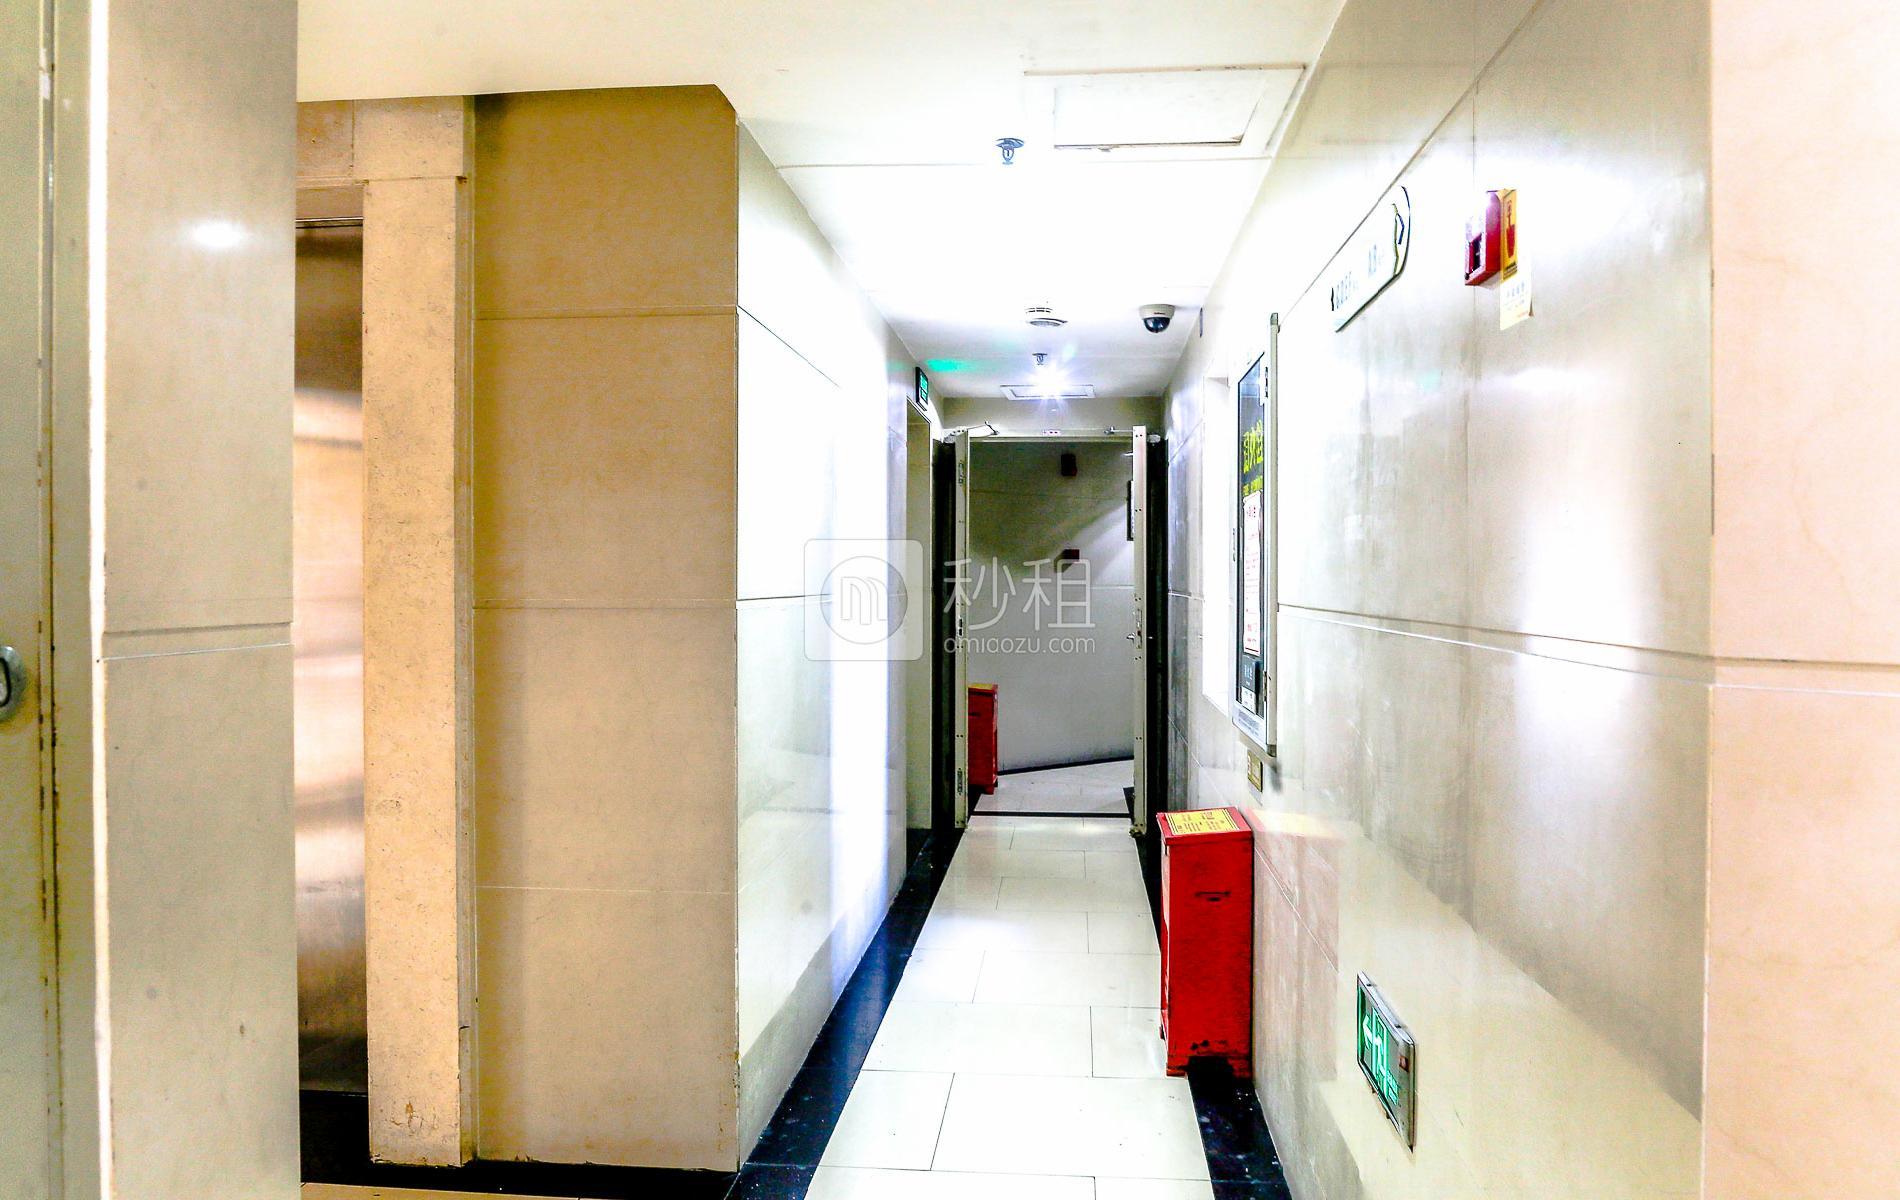 纳什空间-华强广场写字楼出租/招租/租赁,纳什空间-华强广场办公室出租/招租/租赁